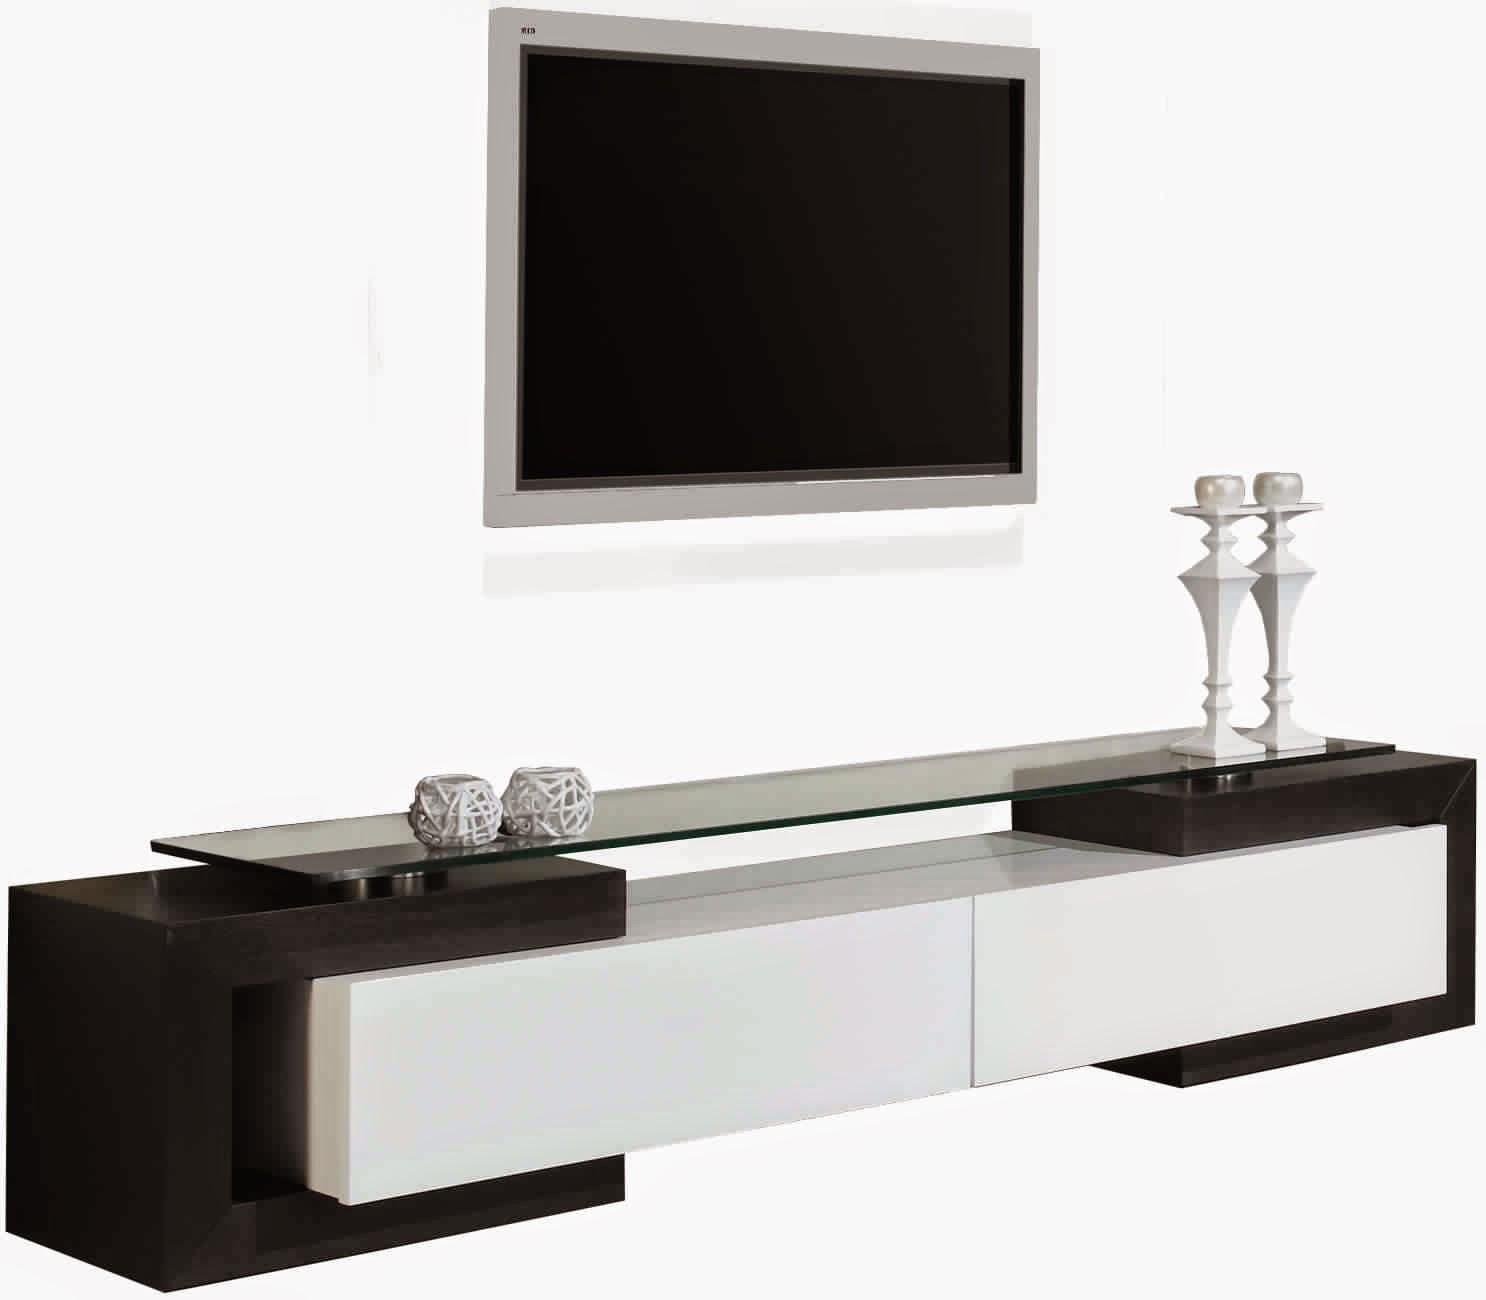 Meuble Tv Noir Et Blanc Laque Conforama Kx87 Jornalagora